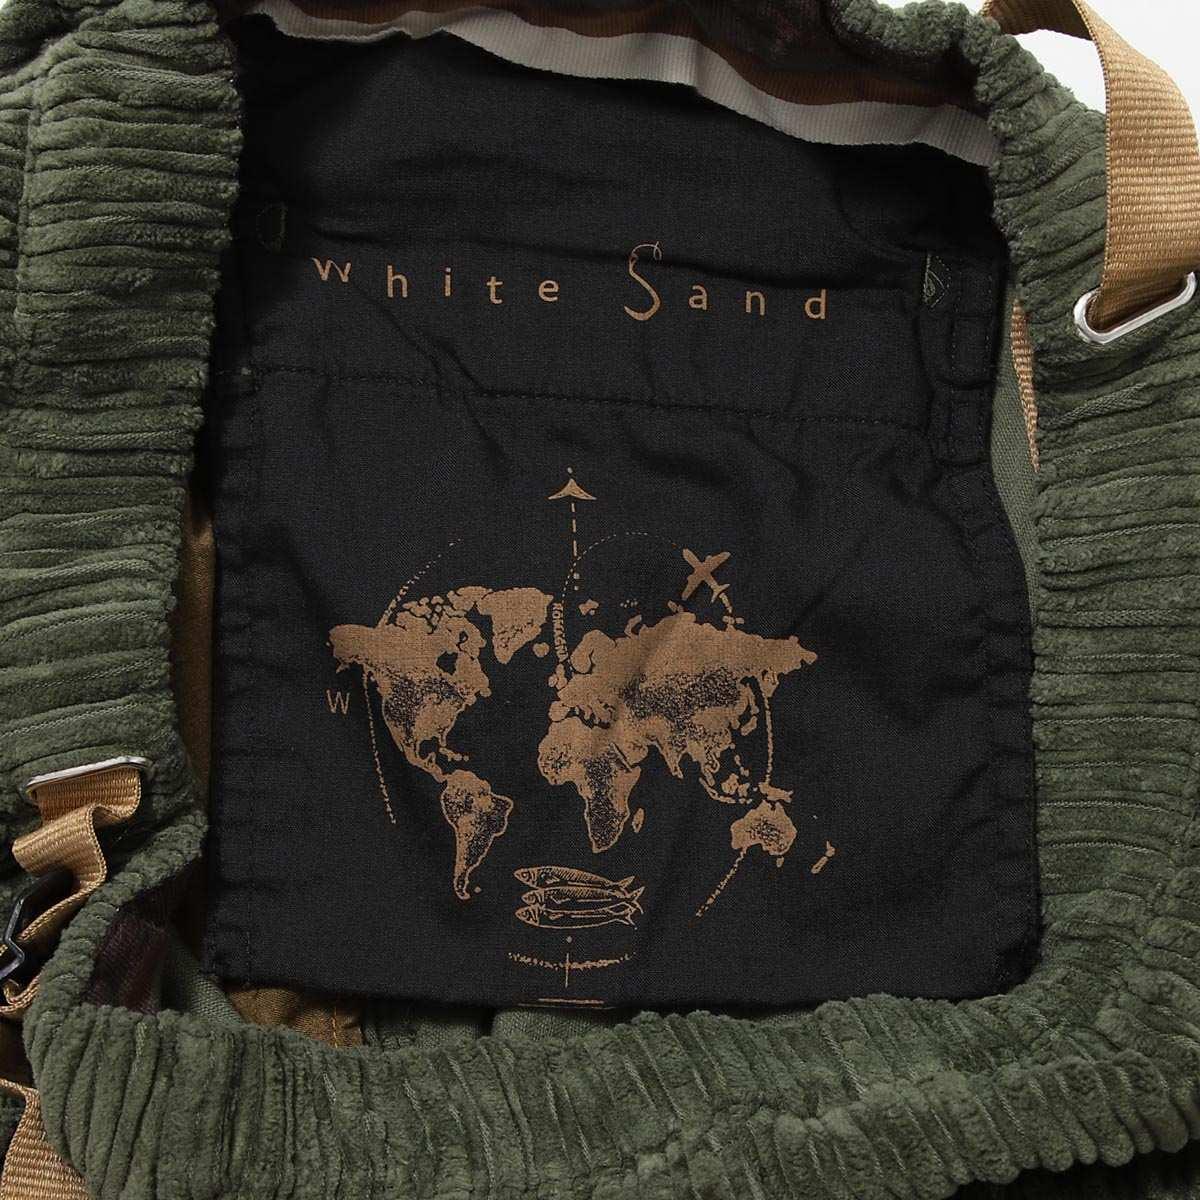 White Sand ホワイトサンド ベルト付き コーデュロイパンツ メンズ